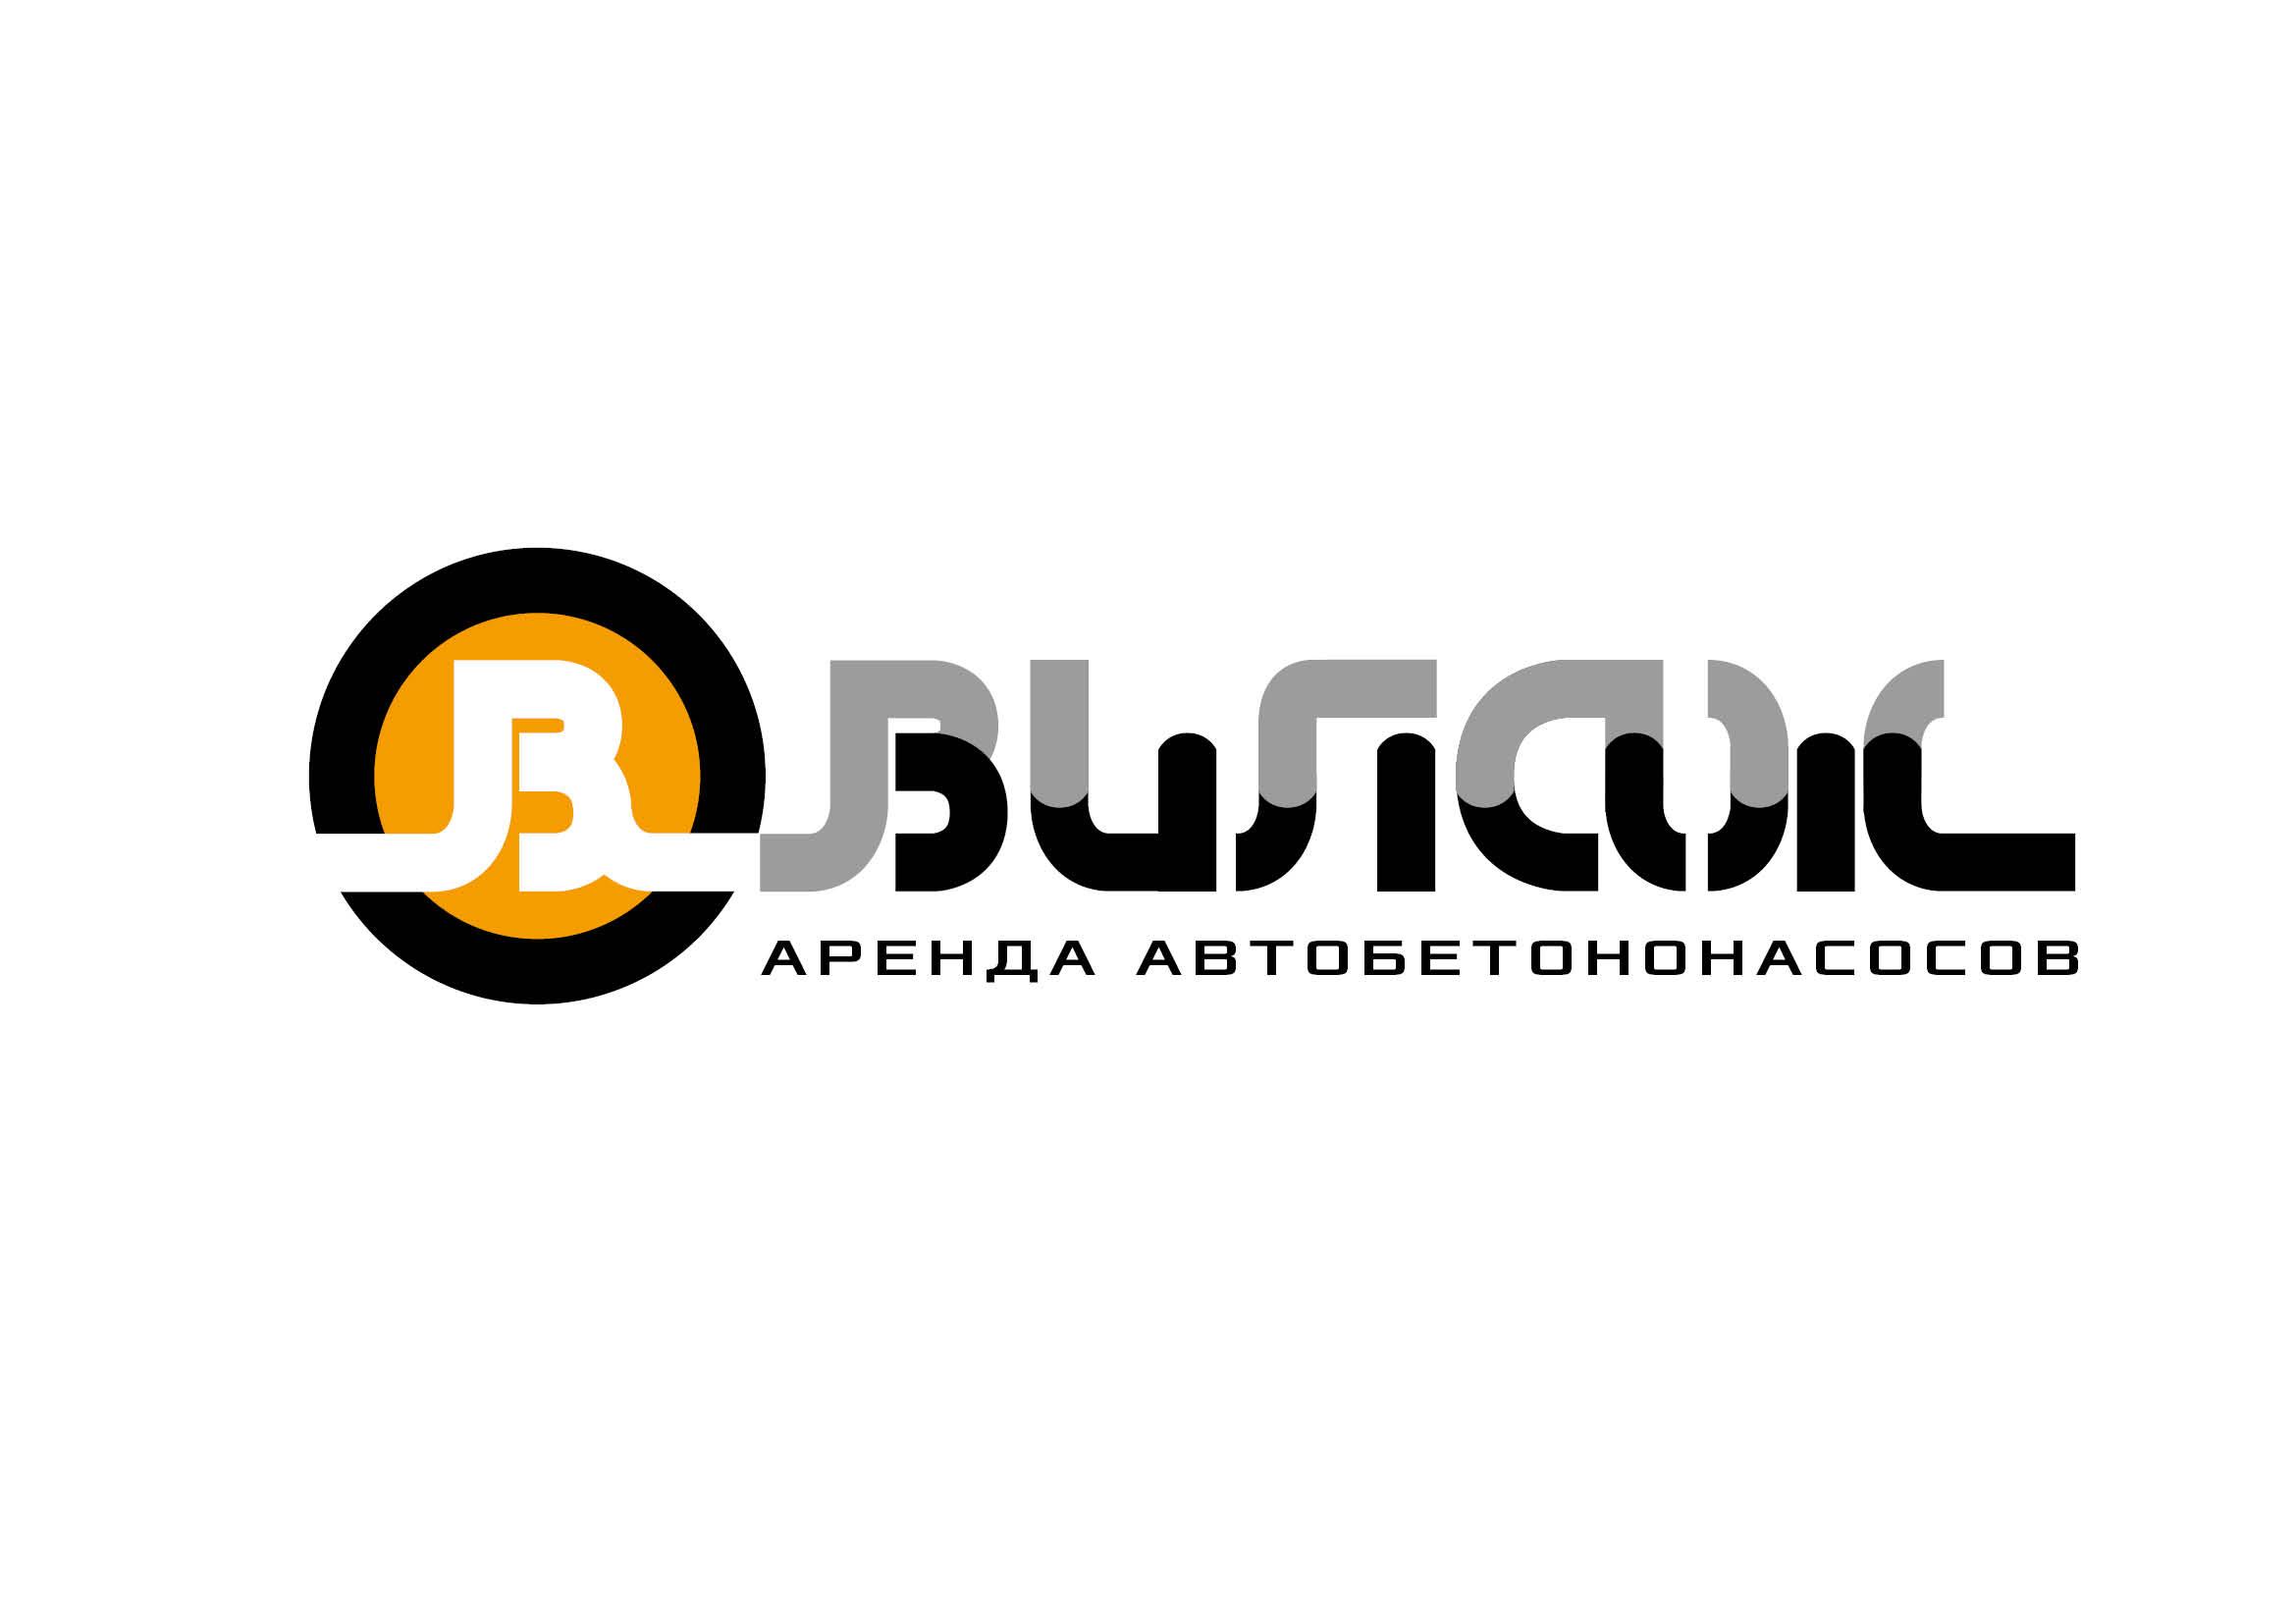 Разработать Брендбук с использованием готового логотипа фото f_6365fb7215f82849.jpg